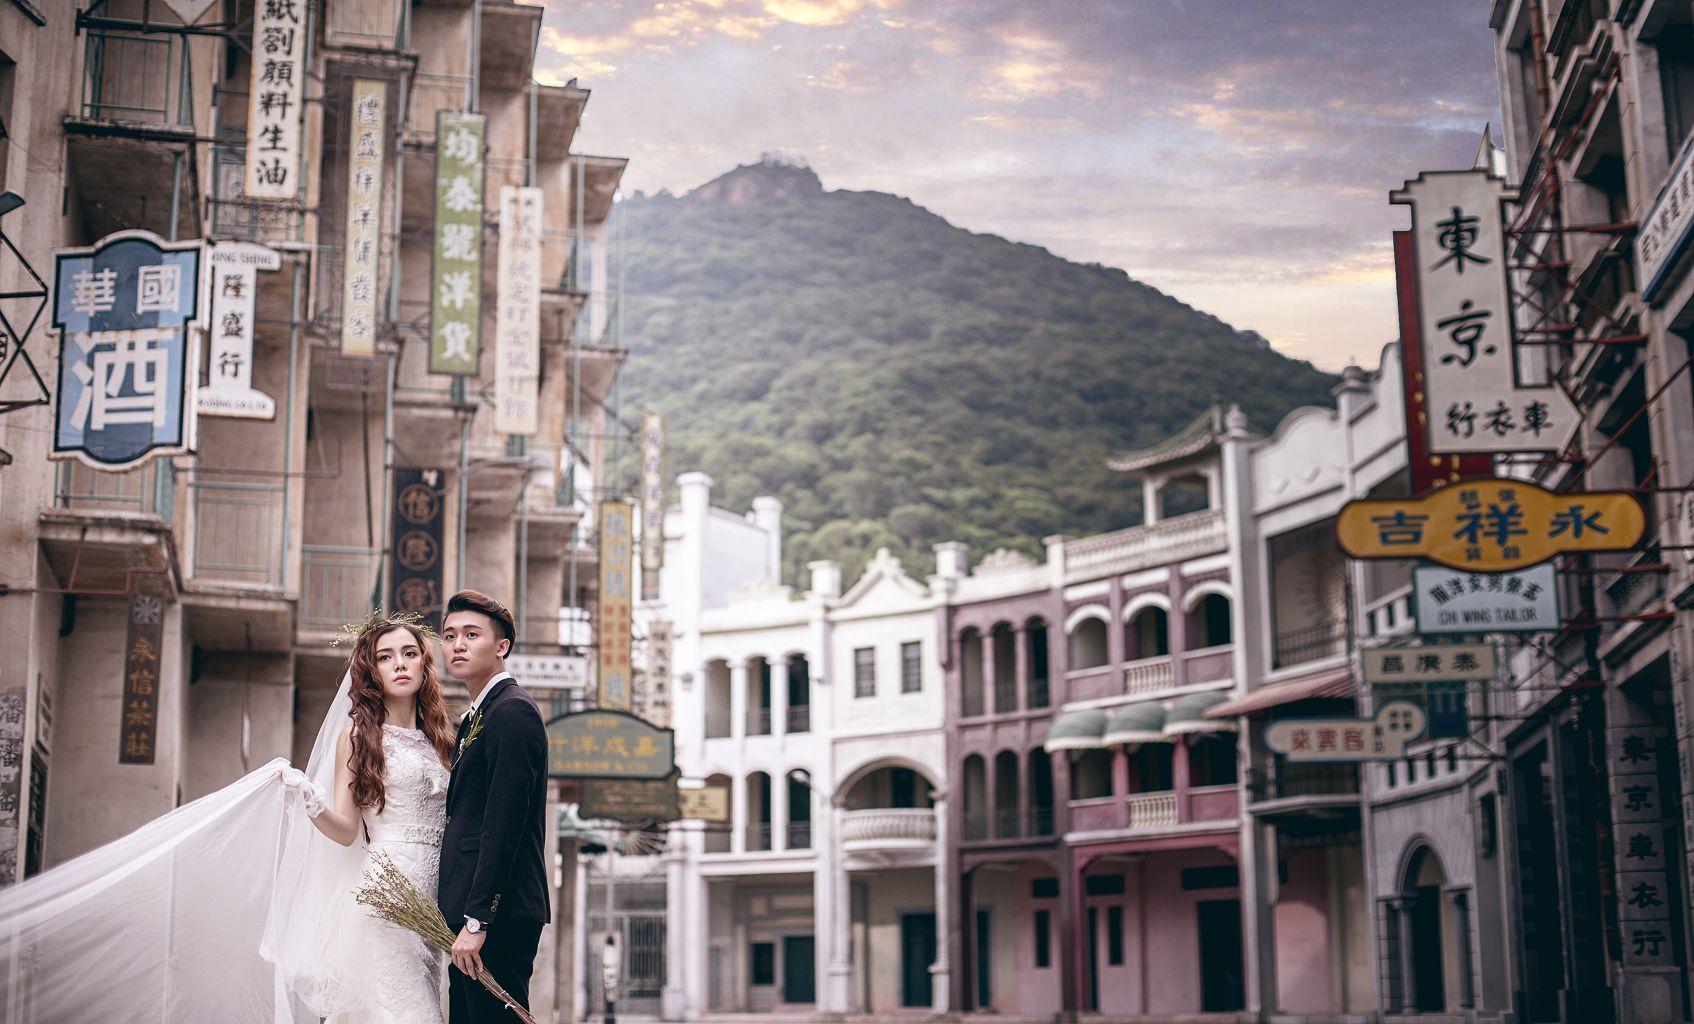 婚礼当天时间流程表,婚礼当天流程一览